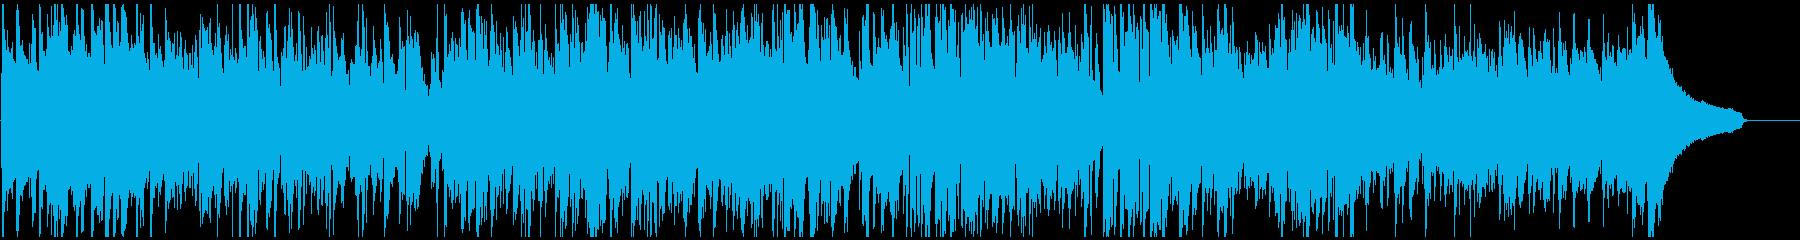 鬼気迫るシリアスな絶体絶命系ジャズの再生済みの波形